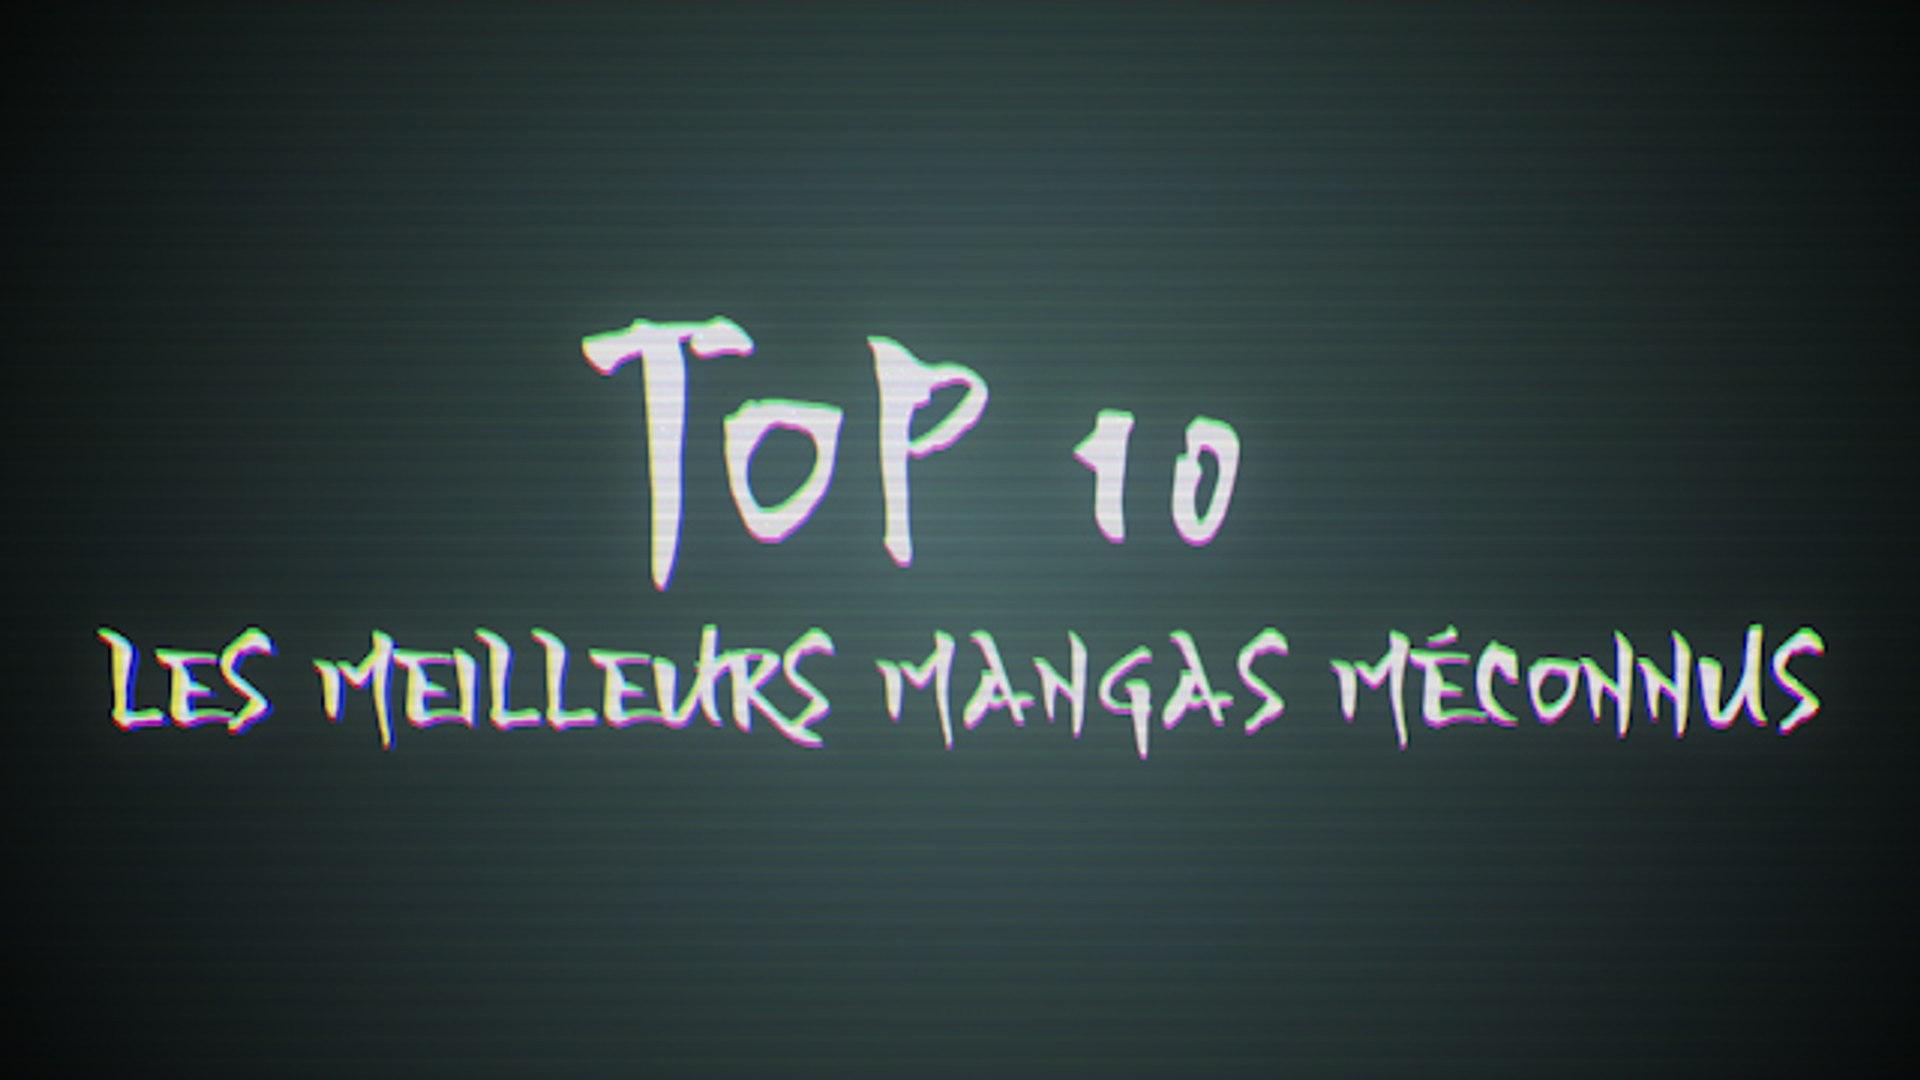 Top 10 : Les meilleurs mangas méconnus